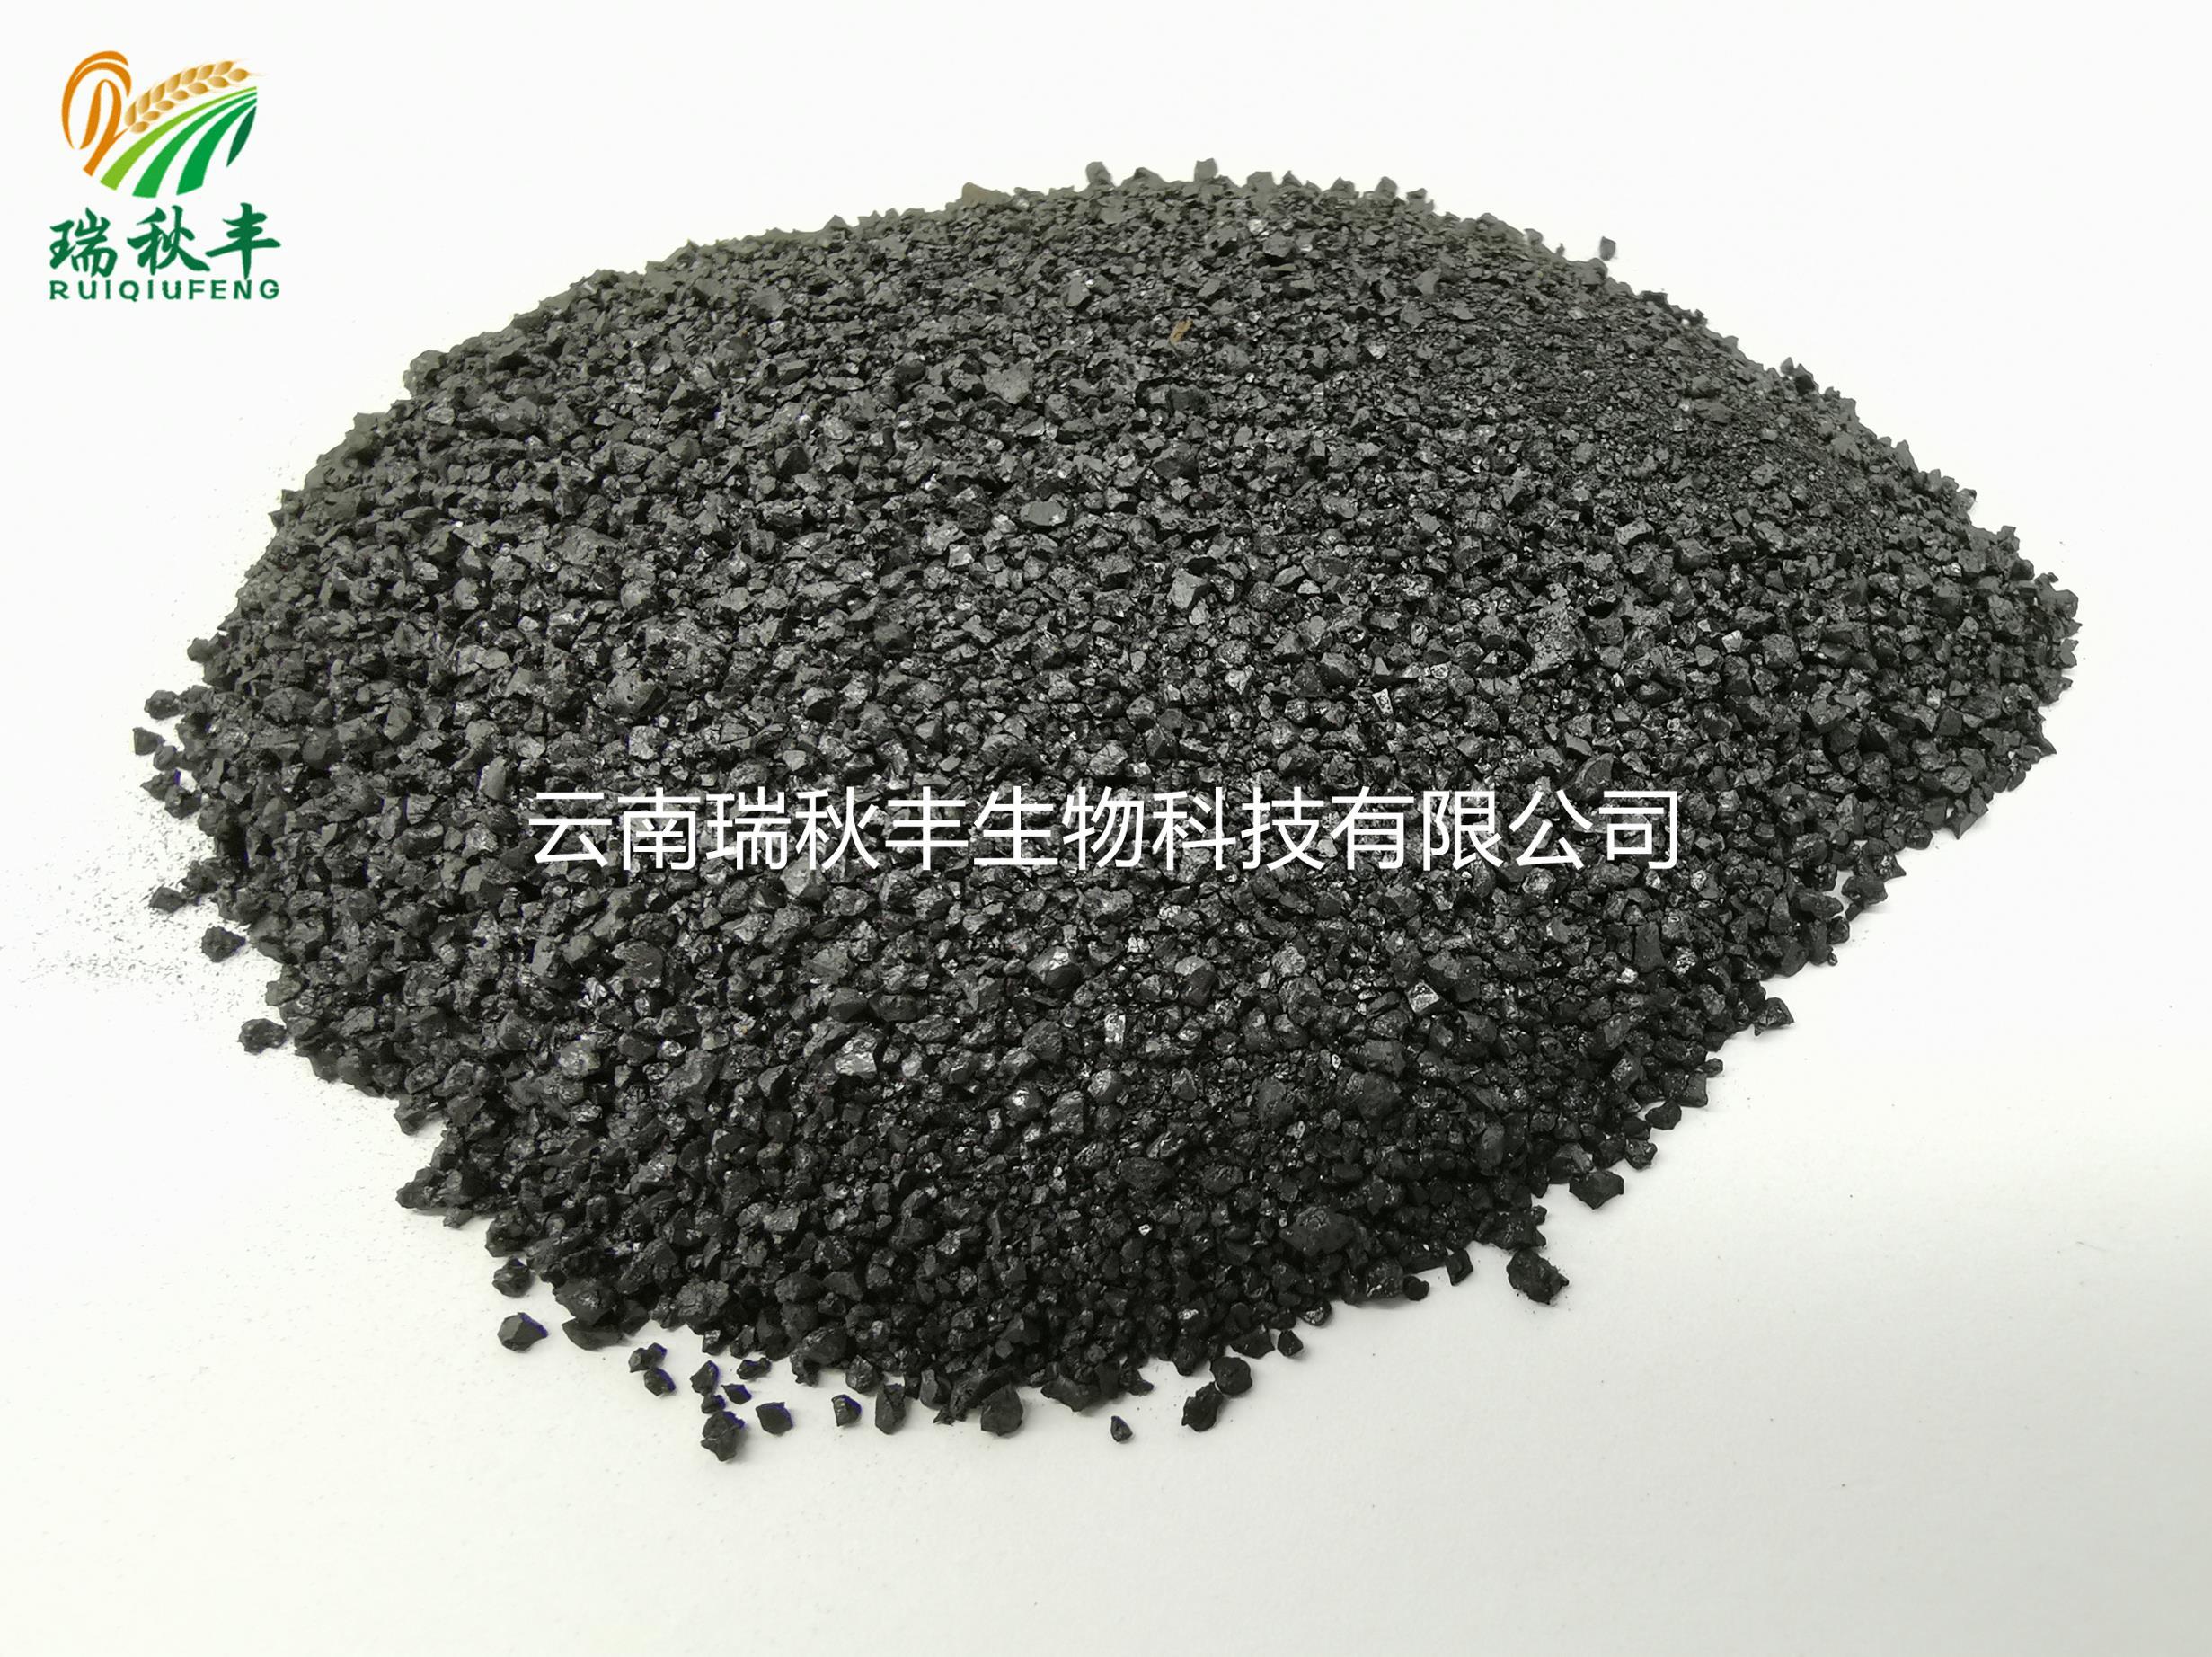 礦源腐植酸鉀 粒狀